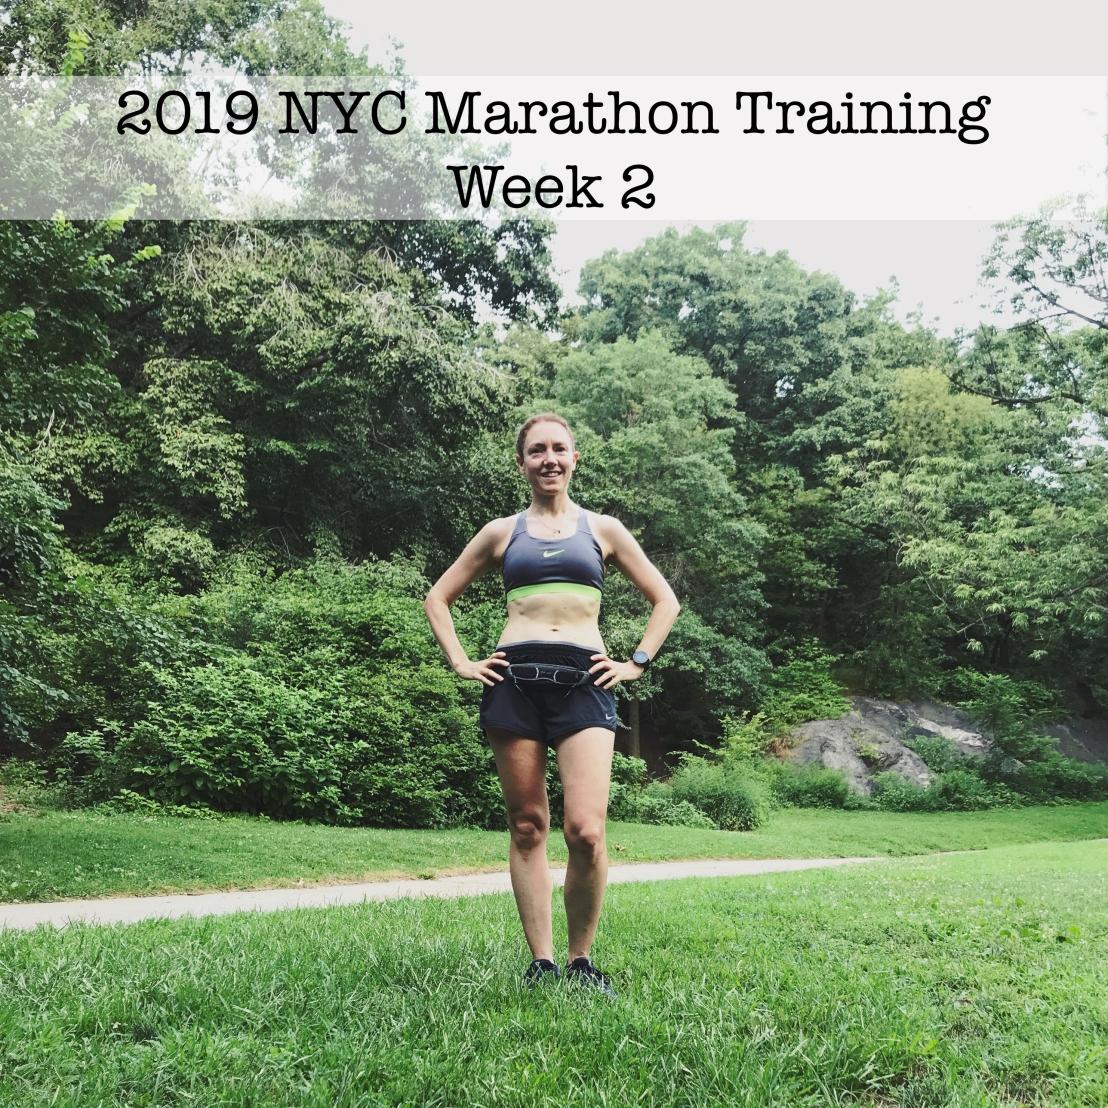 IMG_8301_2019 NYC Marathon Training Week 2